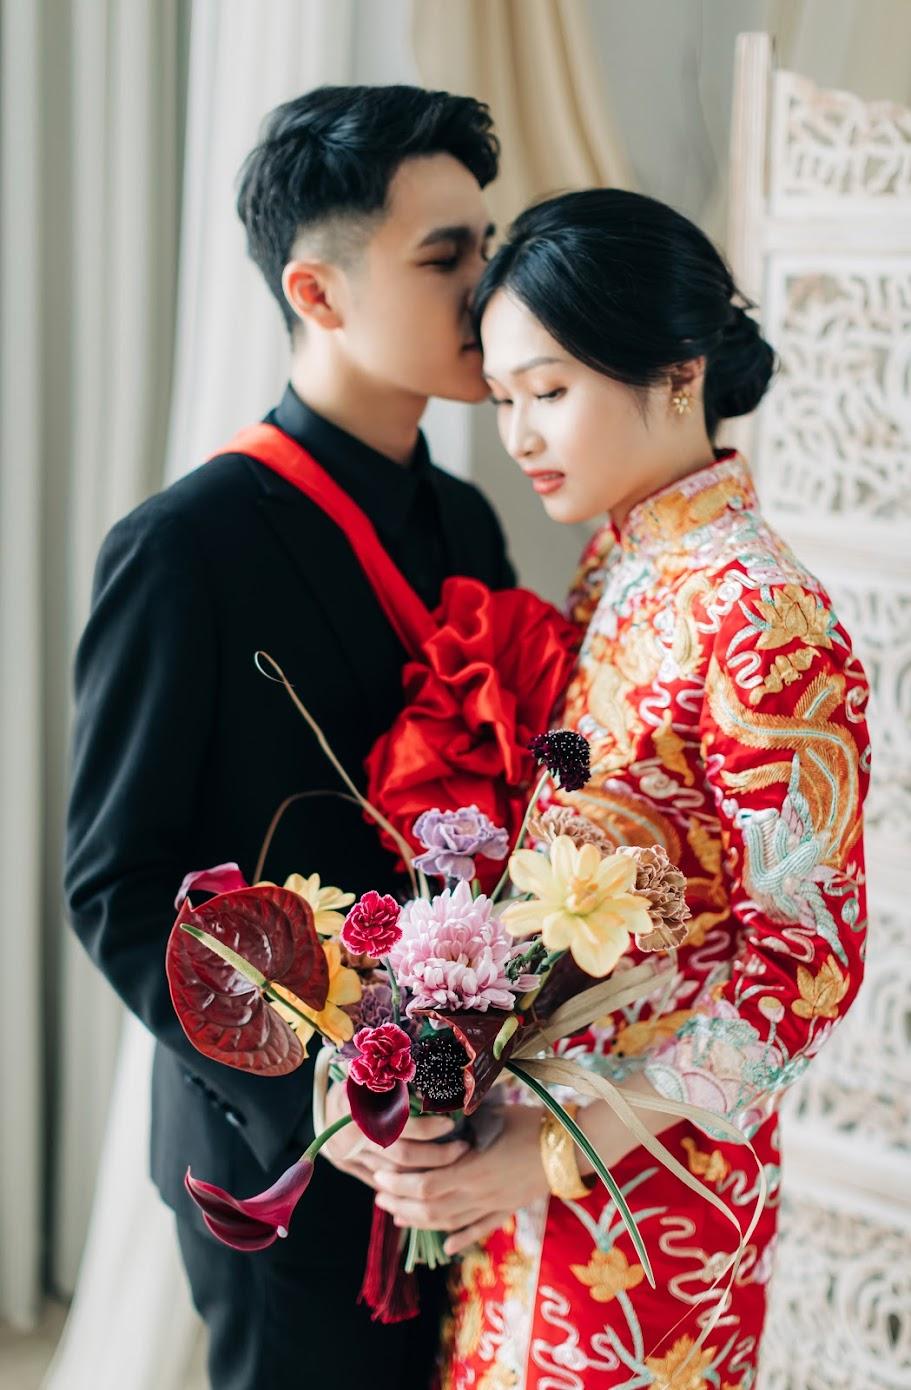 中式龍鳳掛婚紗 / 中式 傳統 婚紗 / 美式婚紗婚禮 / 台中自助婚紗, 春季,在目沐攝影棚,替兩位新人拍攝了這組 中式龍鳳掛 婚紗,著中式 傳統 服裝的 Shirley , 如此地優雅動人, 搭配獨有設計的 中國風 捧花,好美好美。午後我們前往遼闊的彰濱,追逐著陽光,而我替他們紀錄了穿著經典白紗的 逐光 婚紗。